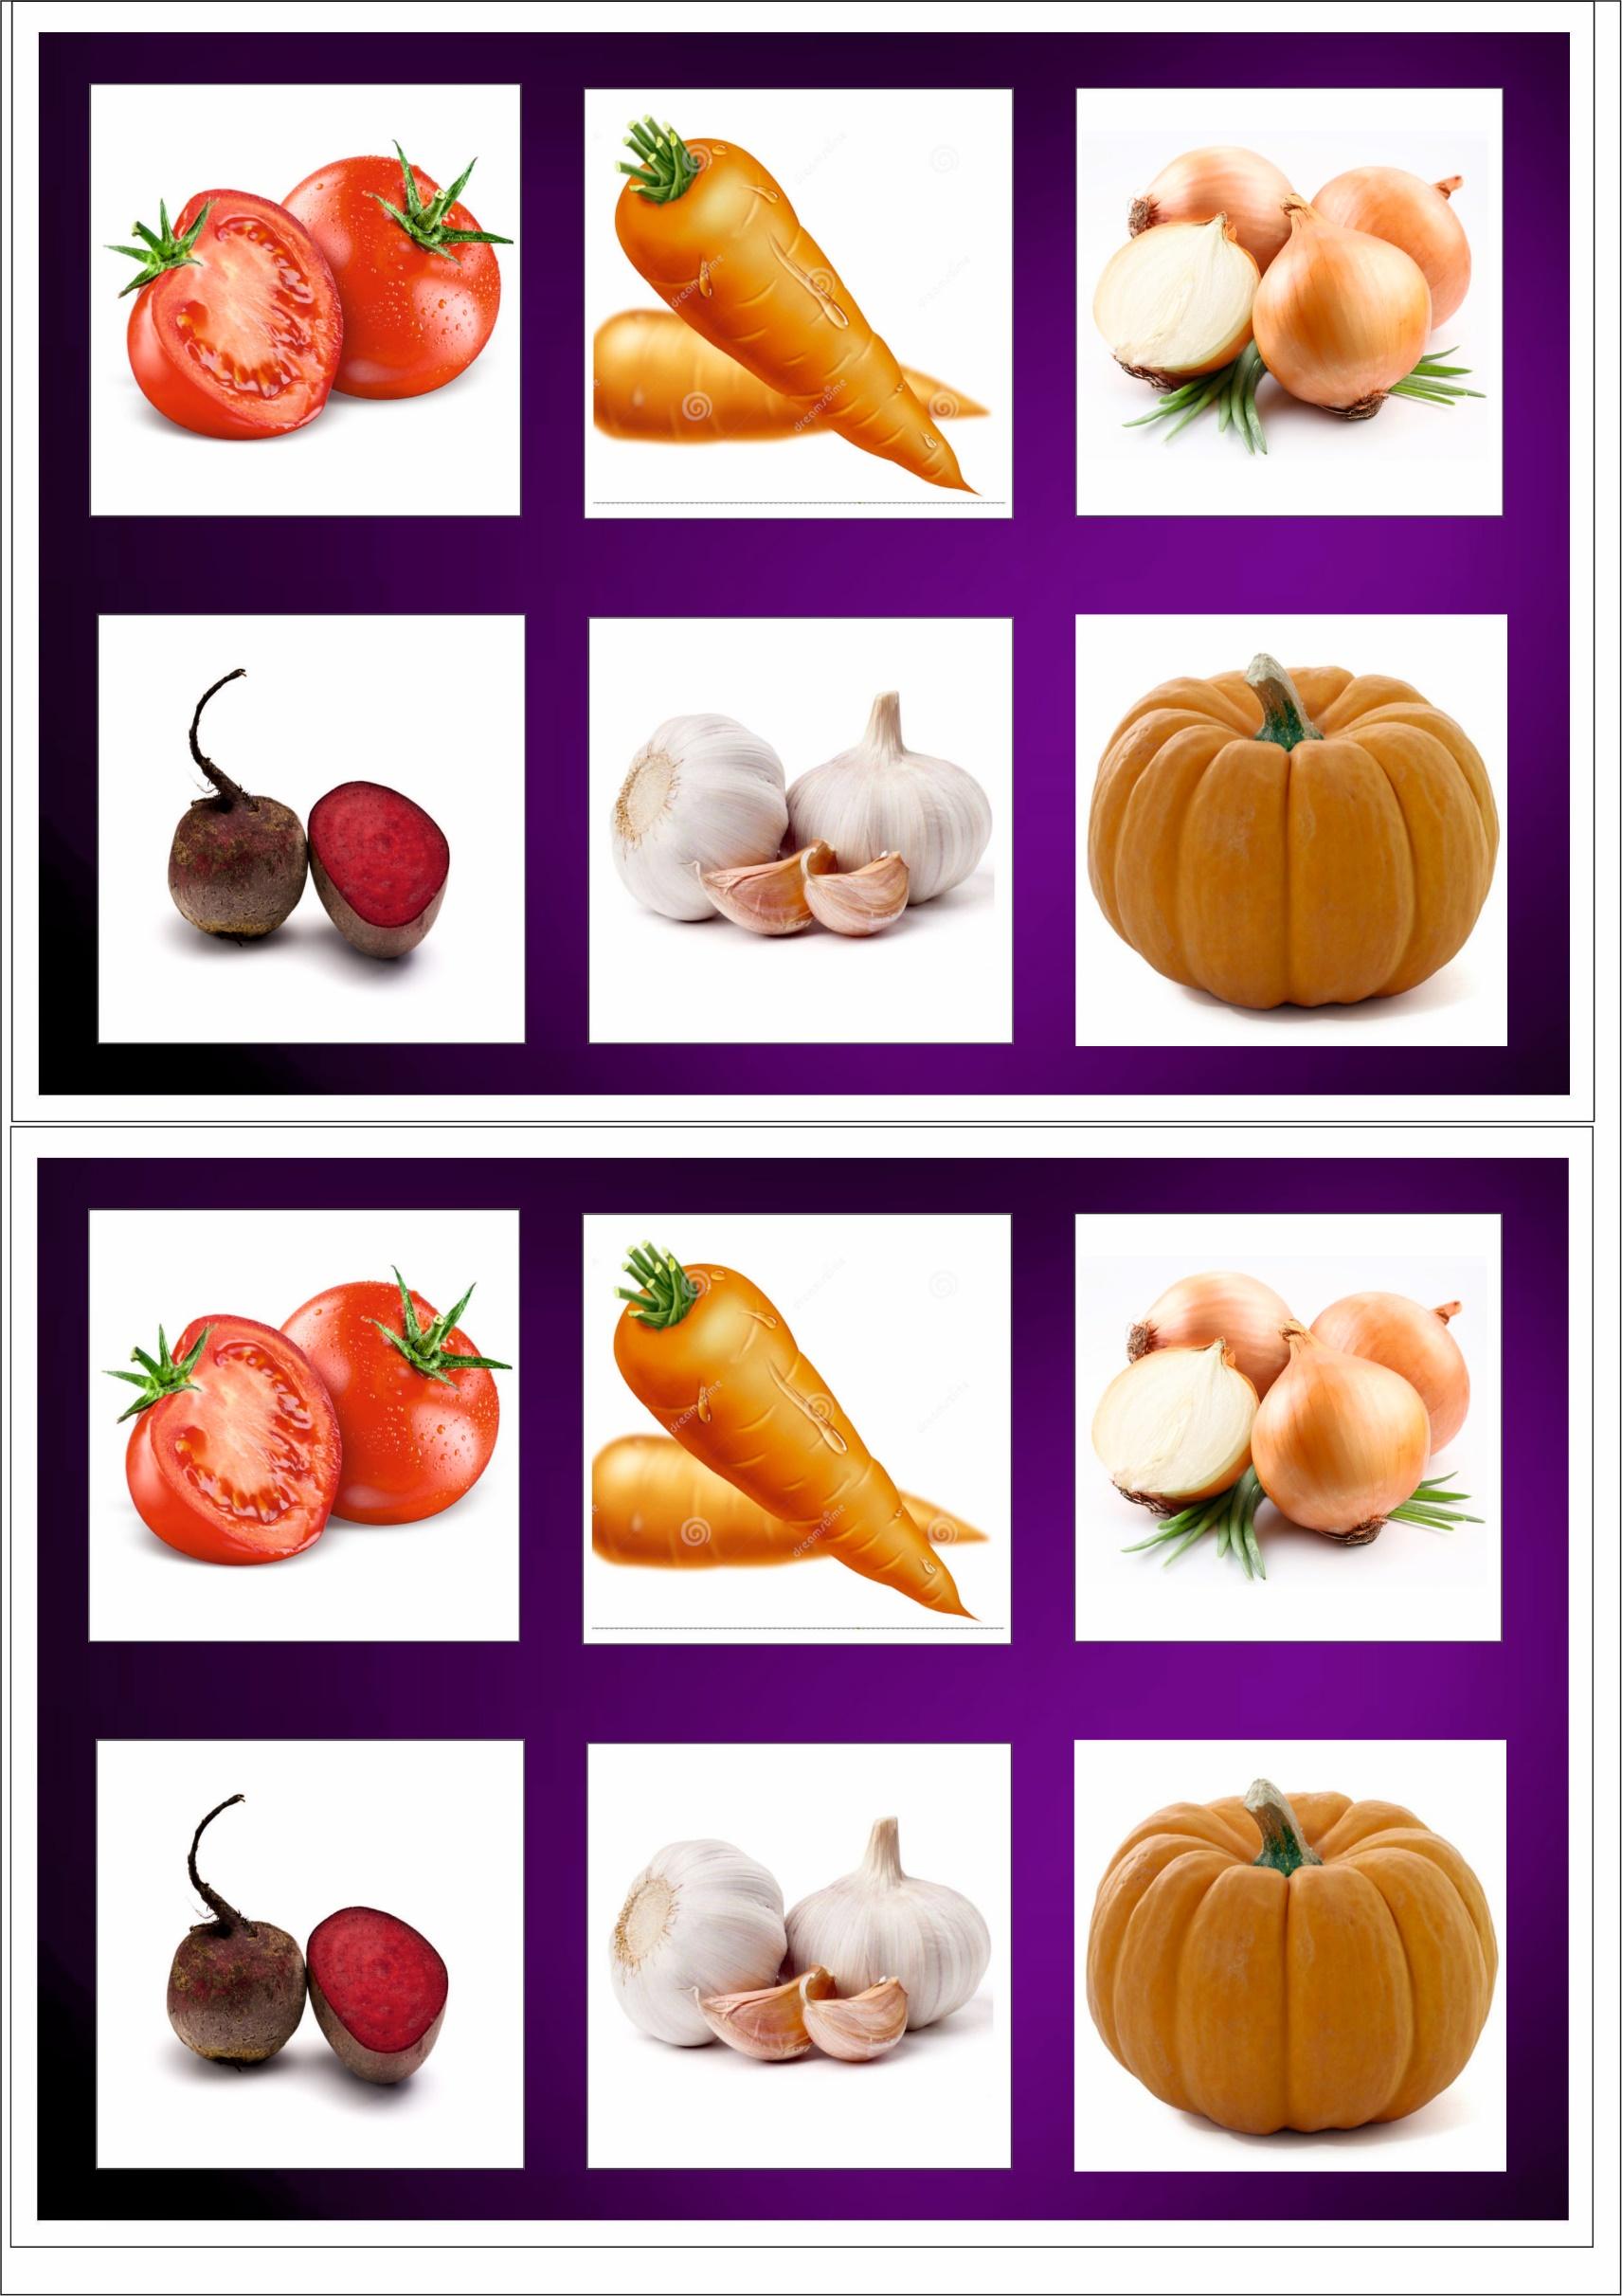 группы предметов овощи фрукты картинки целлюлит ногах попе